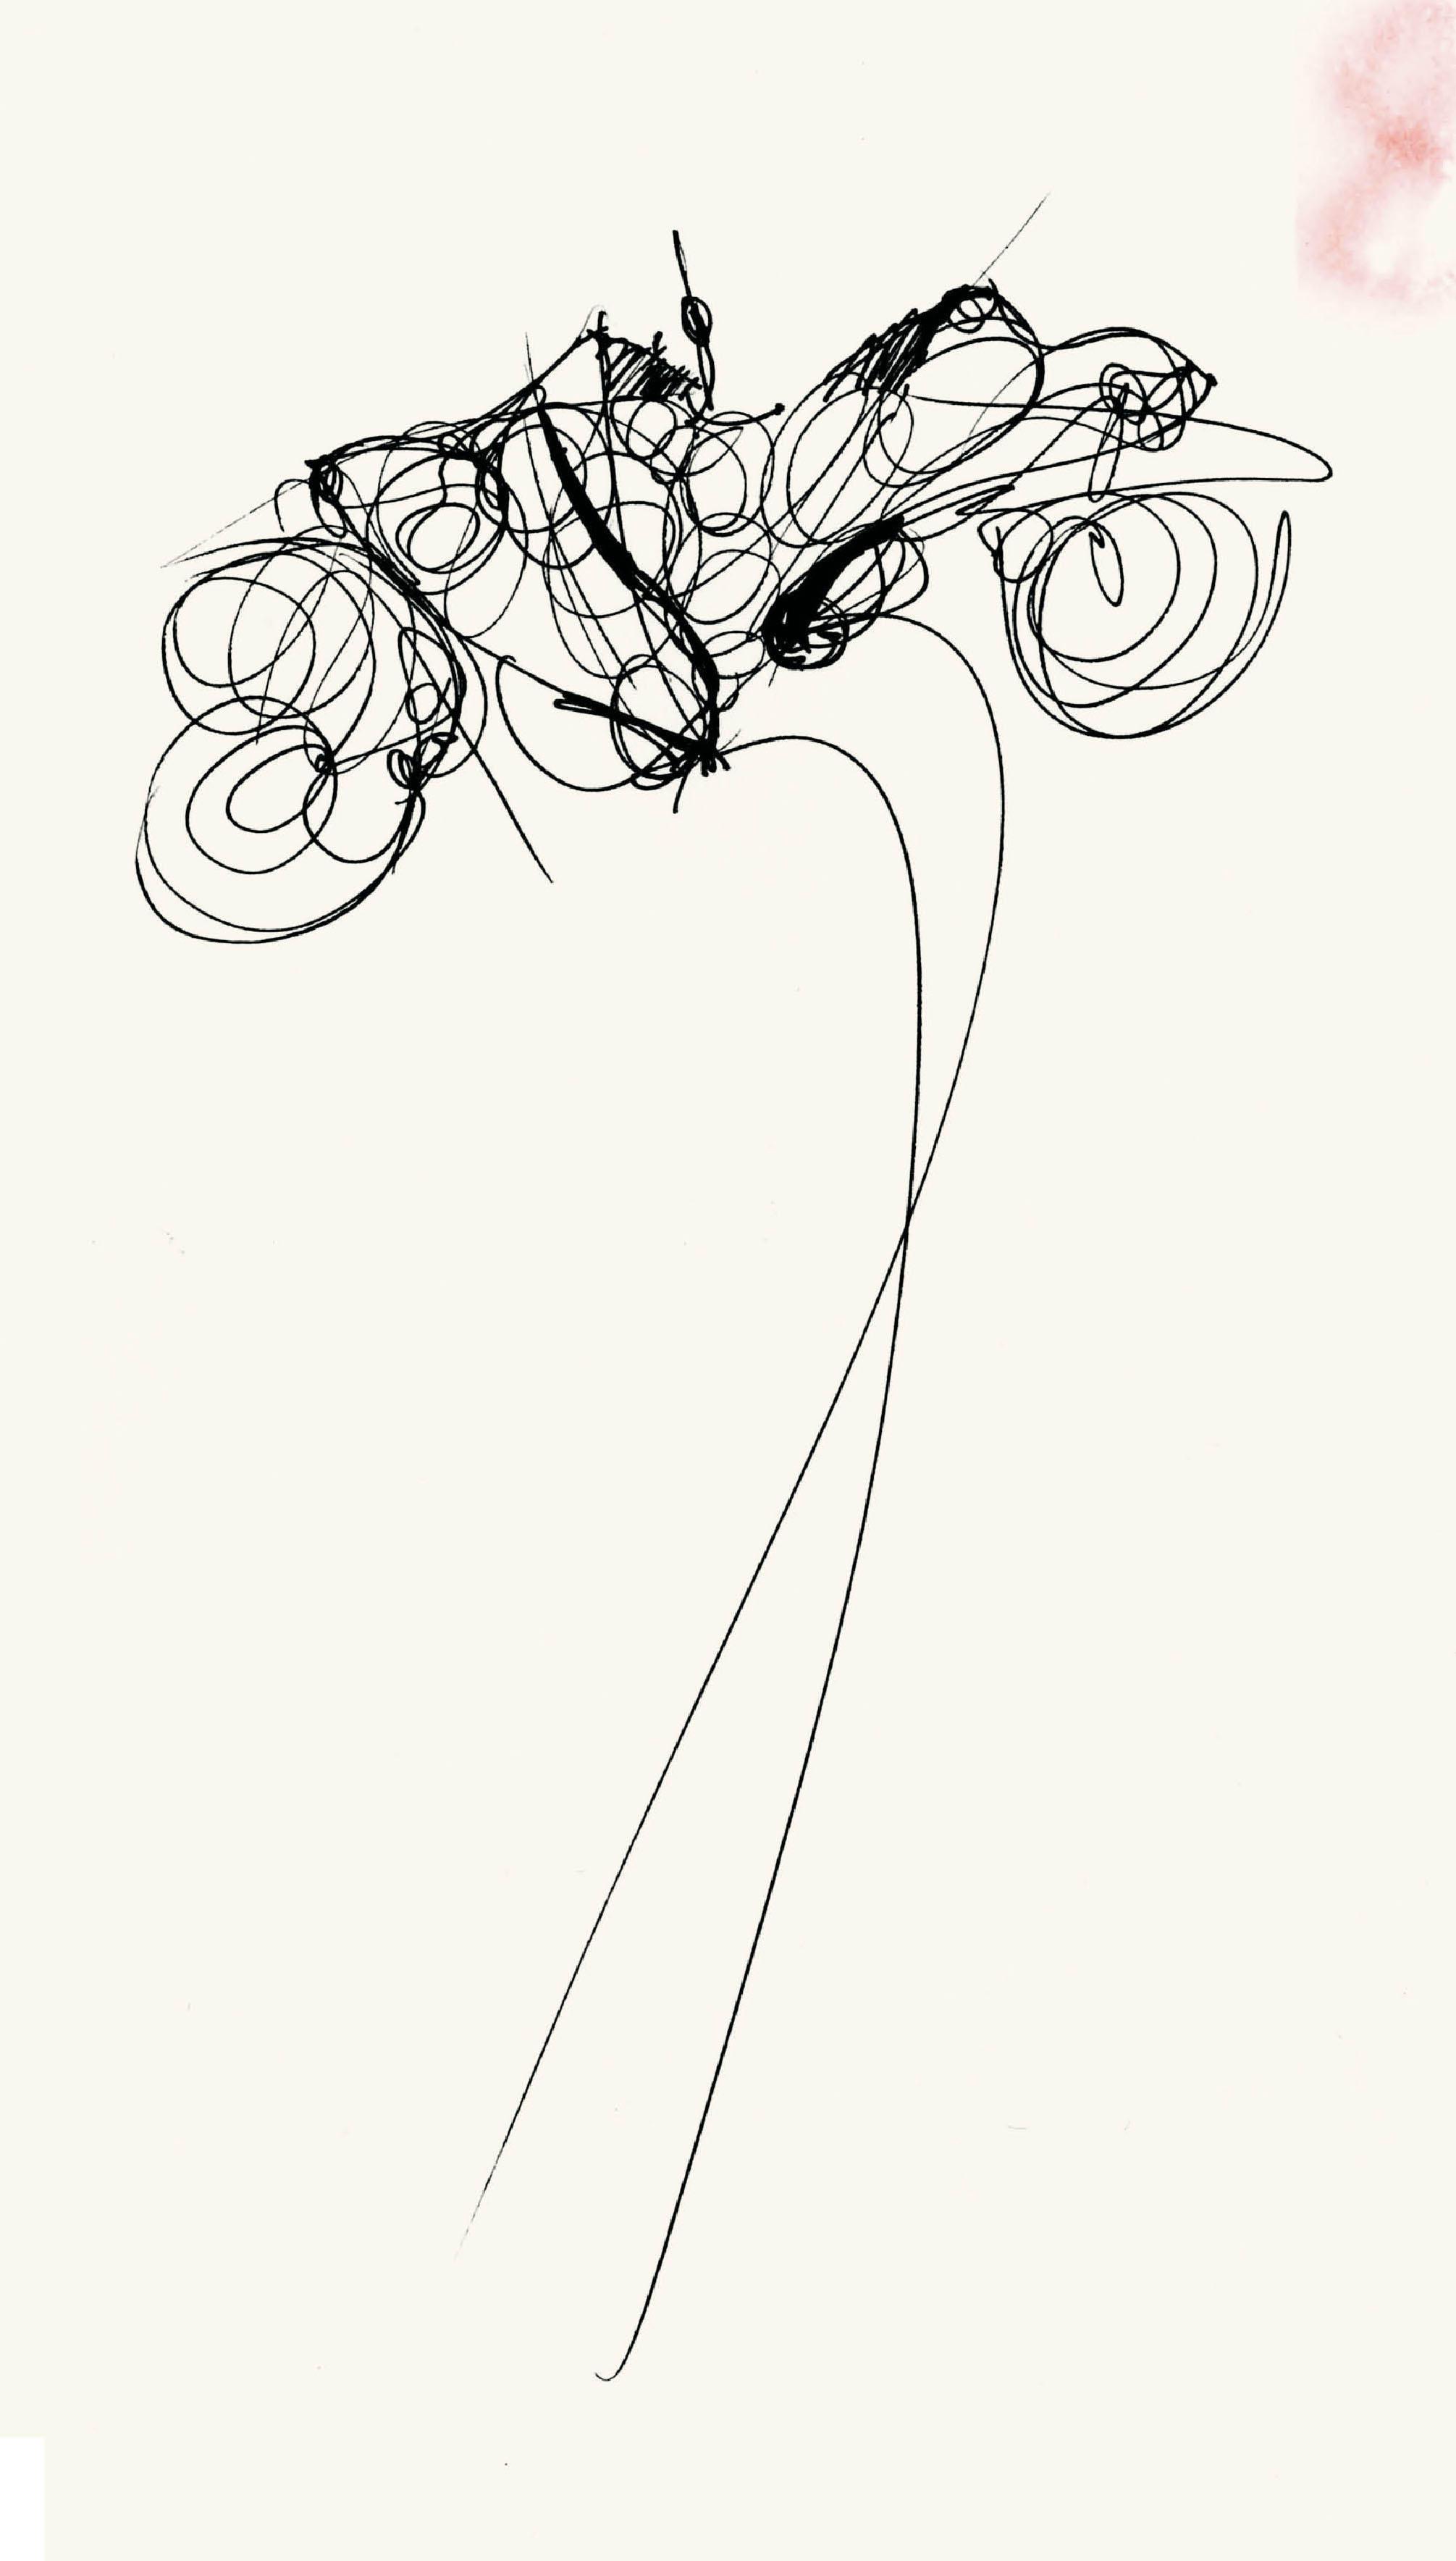 Popolare La moda di Gianfranco Ferré nei suoi disegni - Tgcom24 AZ56